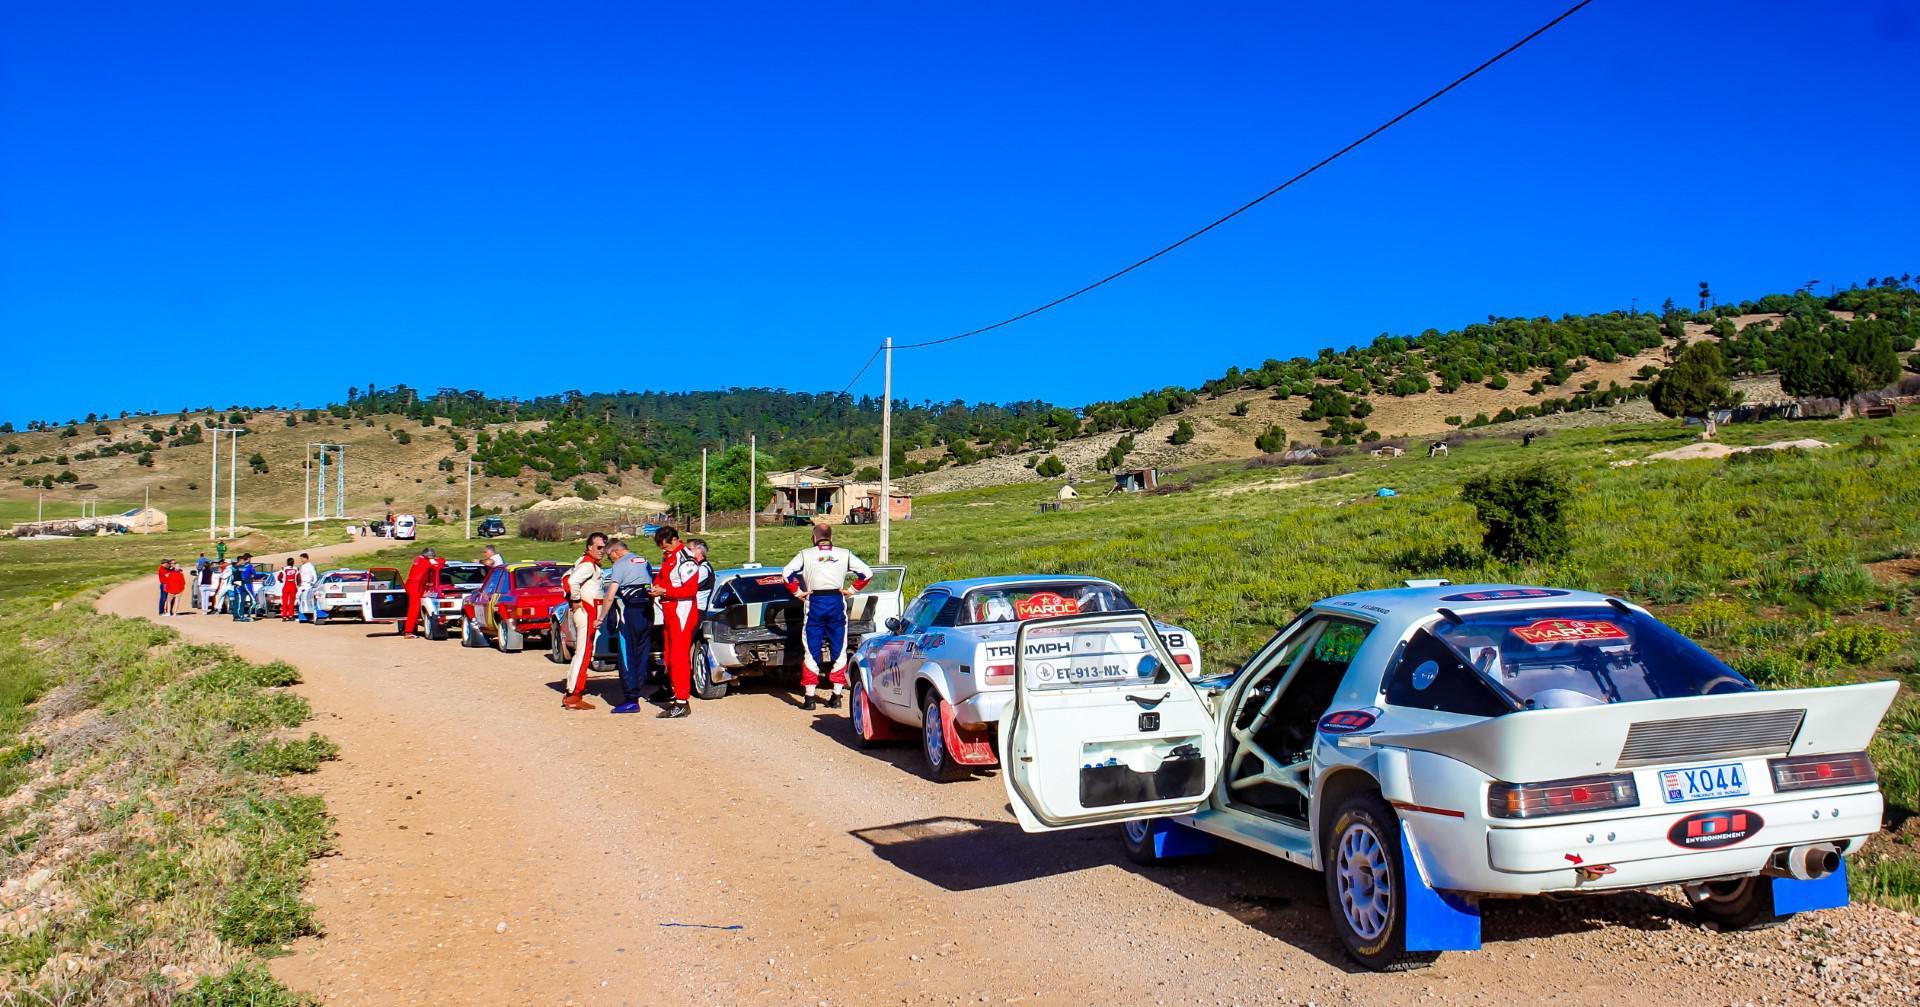 maroc-historic-rally-mhr-2018-deveza-remonte-sur-oreille-825-8.jpg